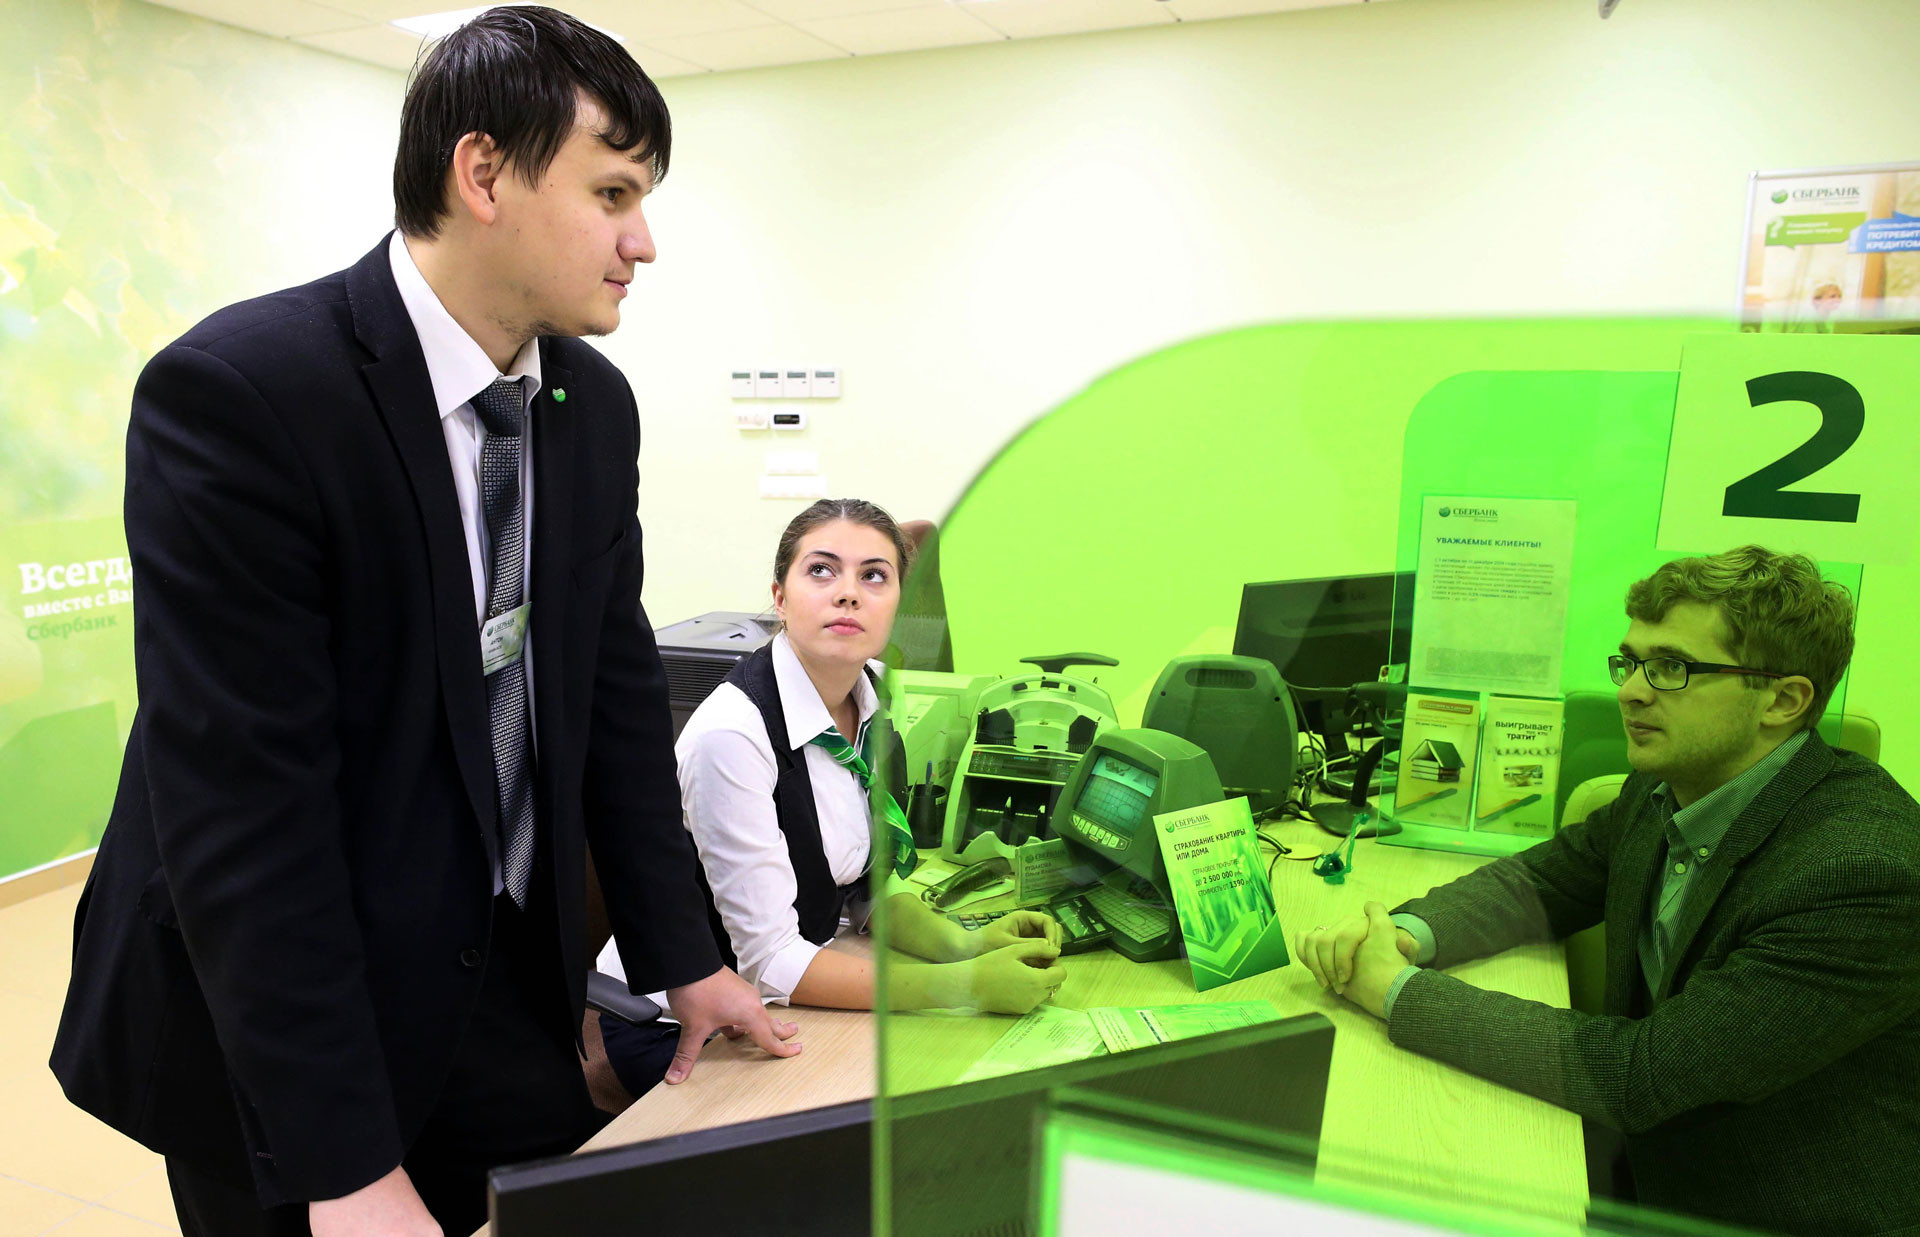 микрозаймы без паспортных данных срочно